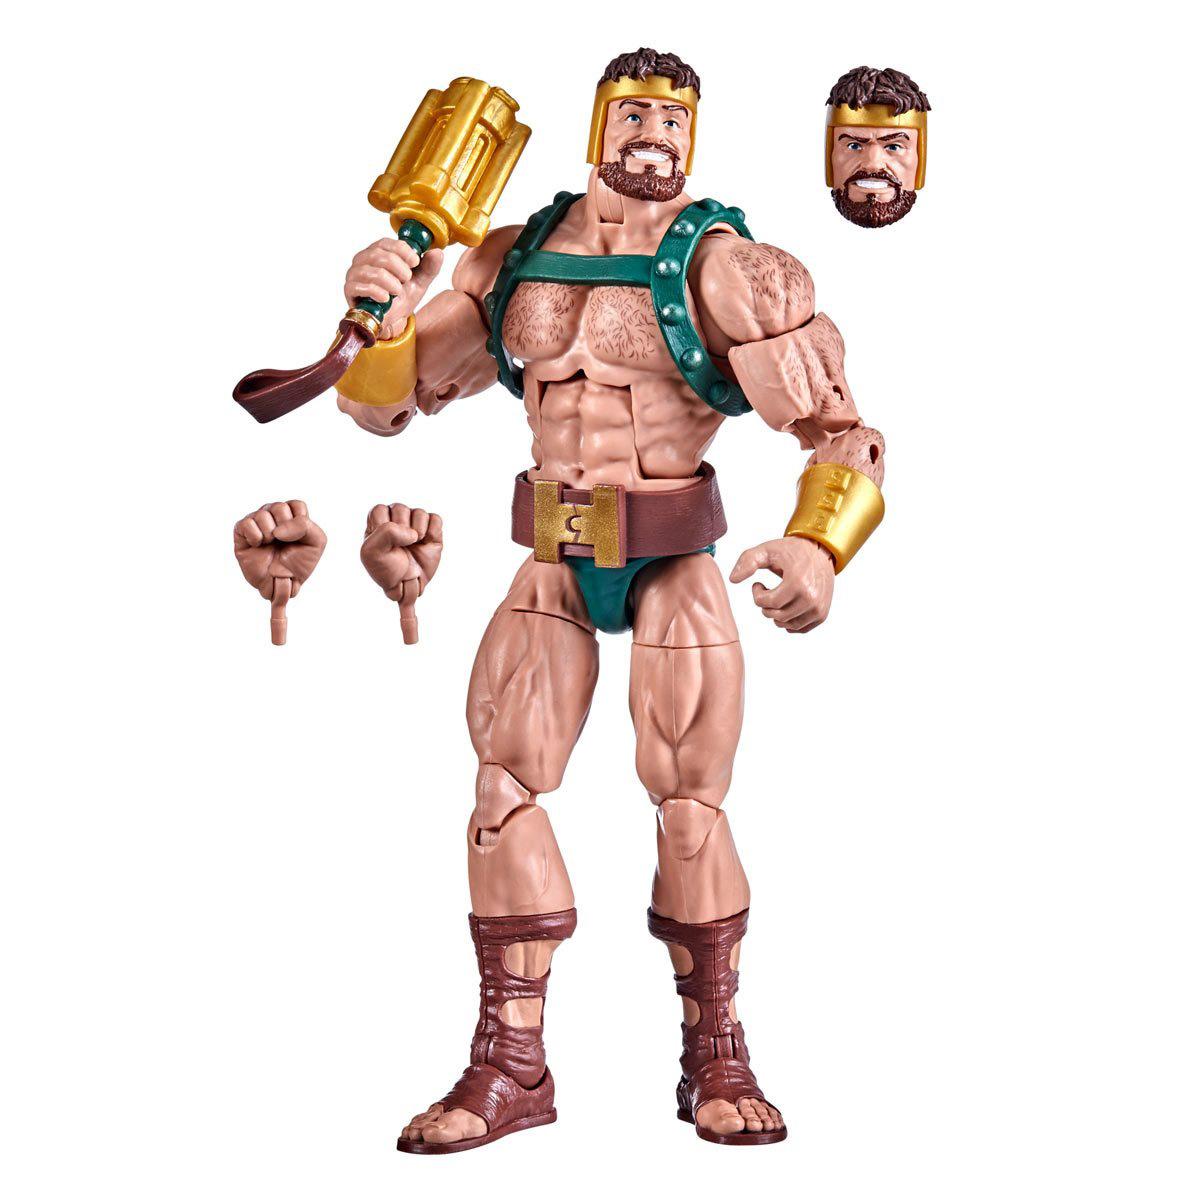 marvel-legends-hercules-action-figure-3